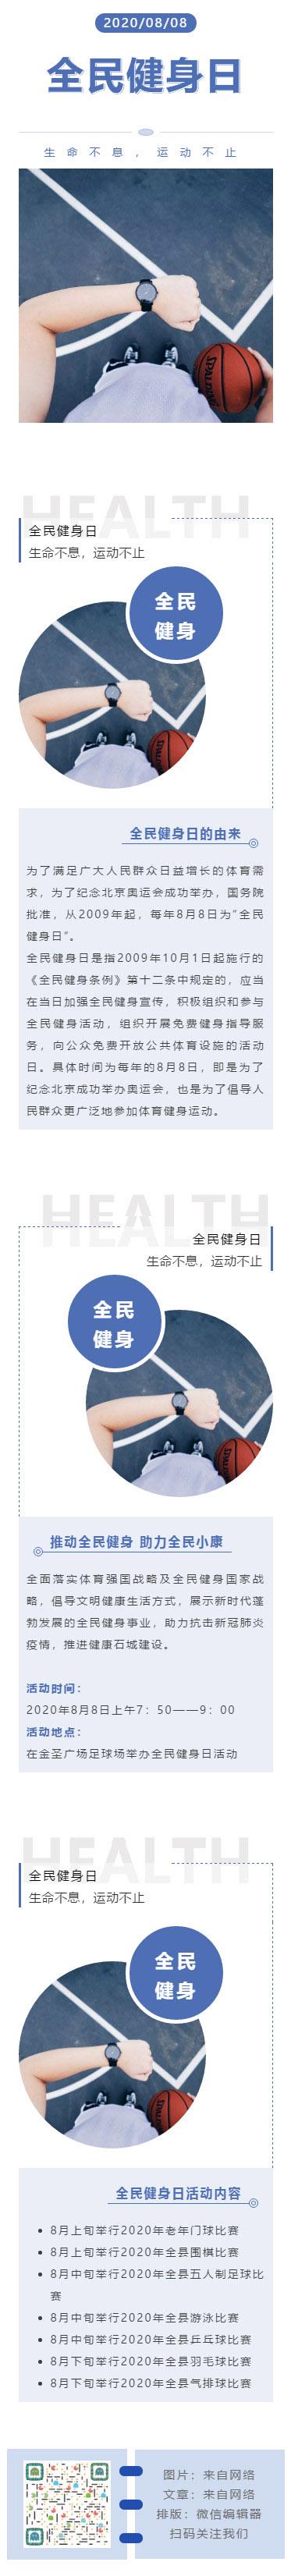 全民健身日微信公众号图文模板微信素材模板推文样式